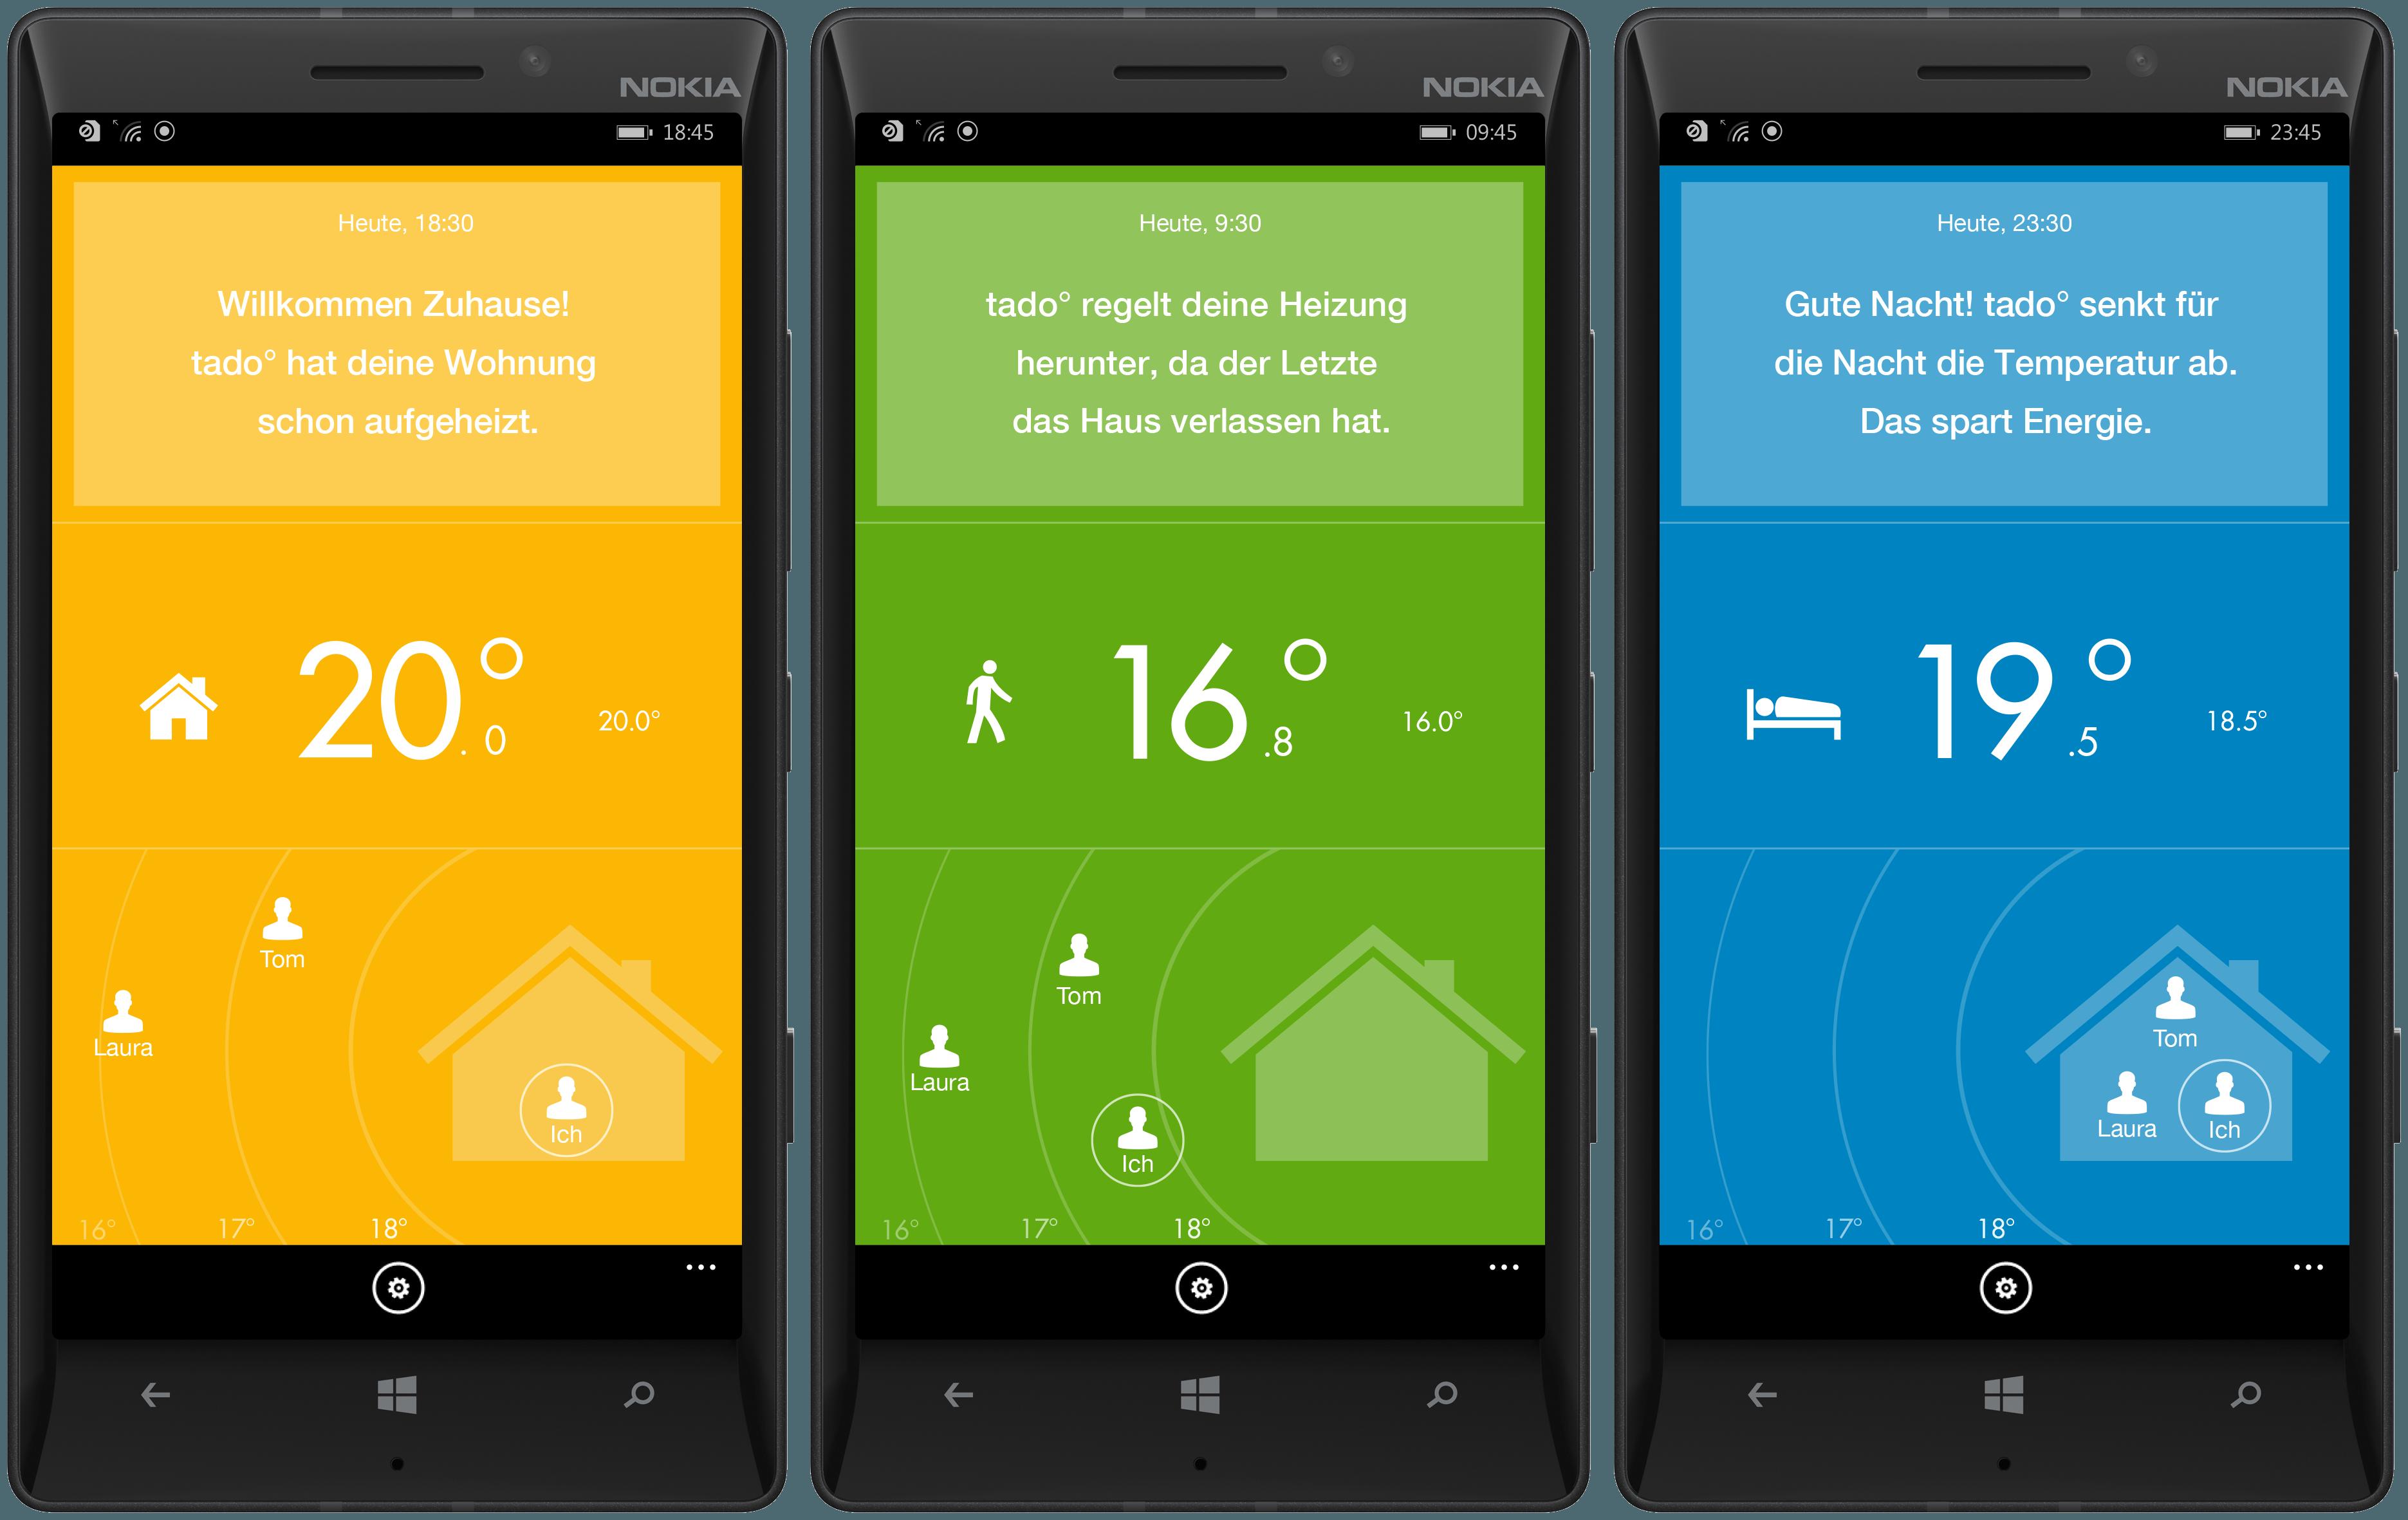 Energiesparen Im Digitalen Zeitalter. Energie Sparen Tado